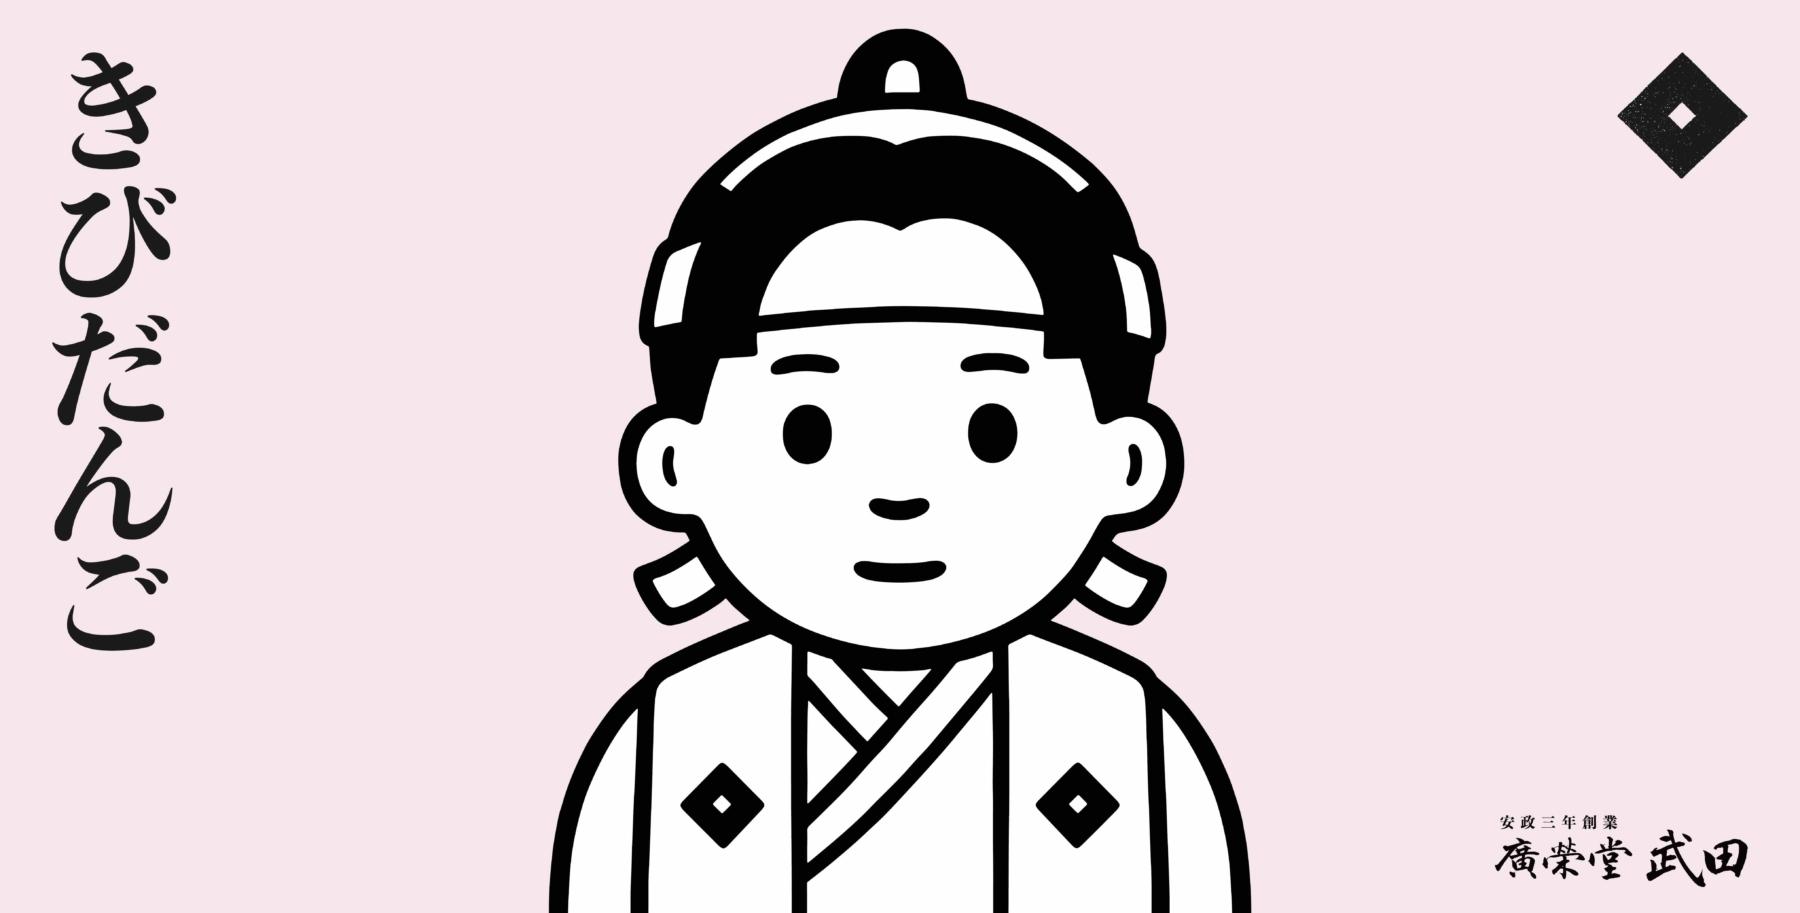 元祖きびだんごメーカー「廣栄堂武田」が新パッケージデザインにNoritake氏を起用